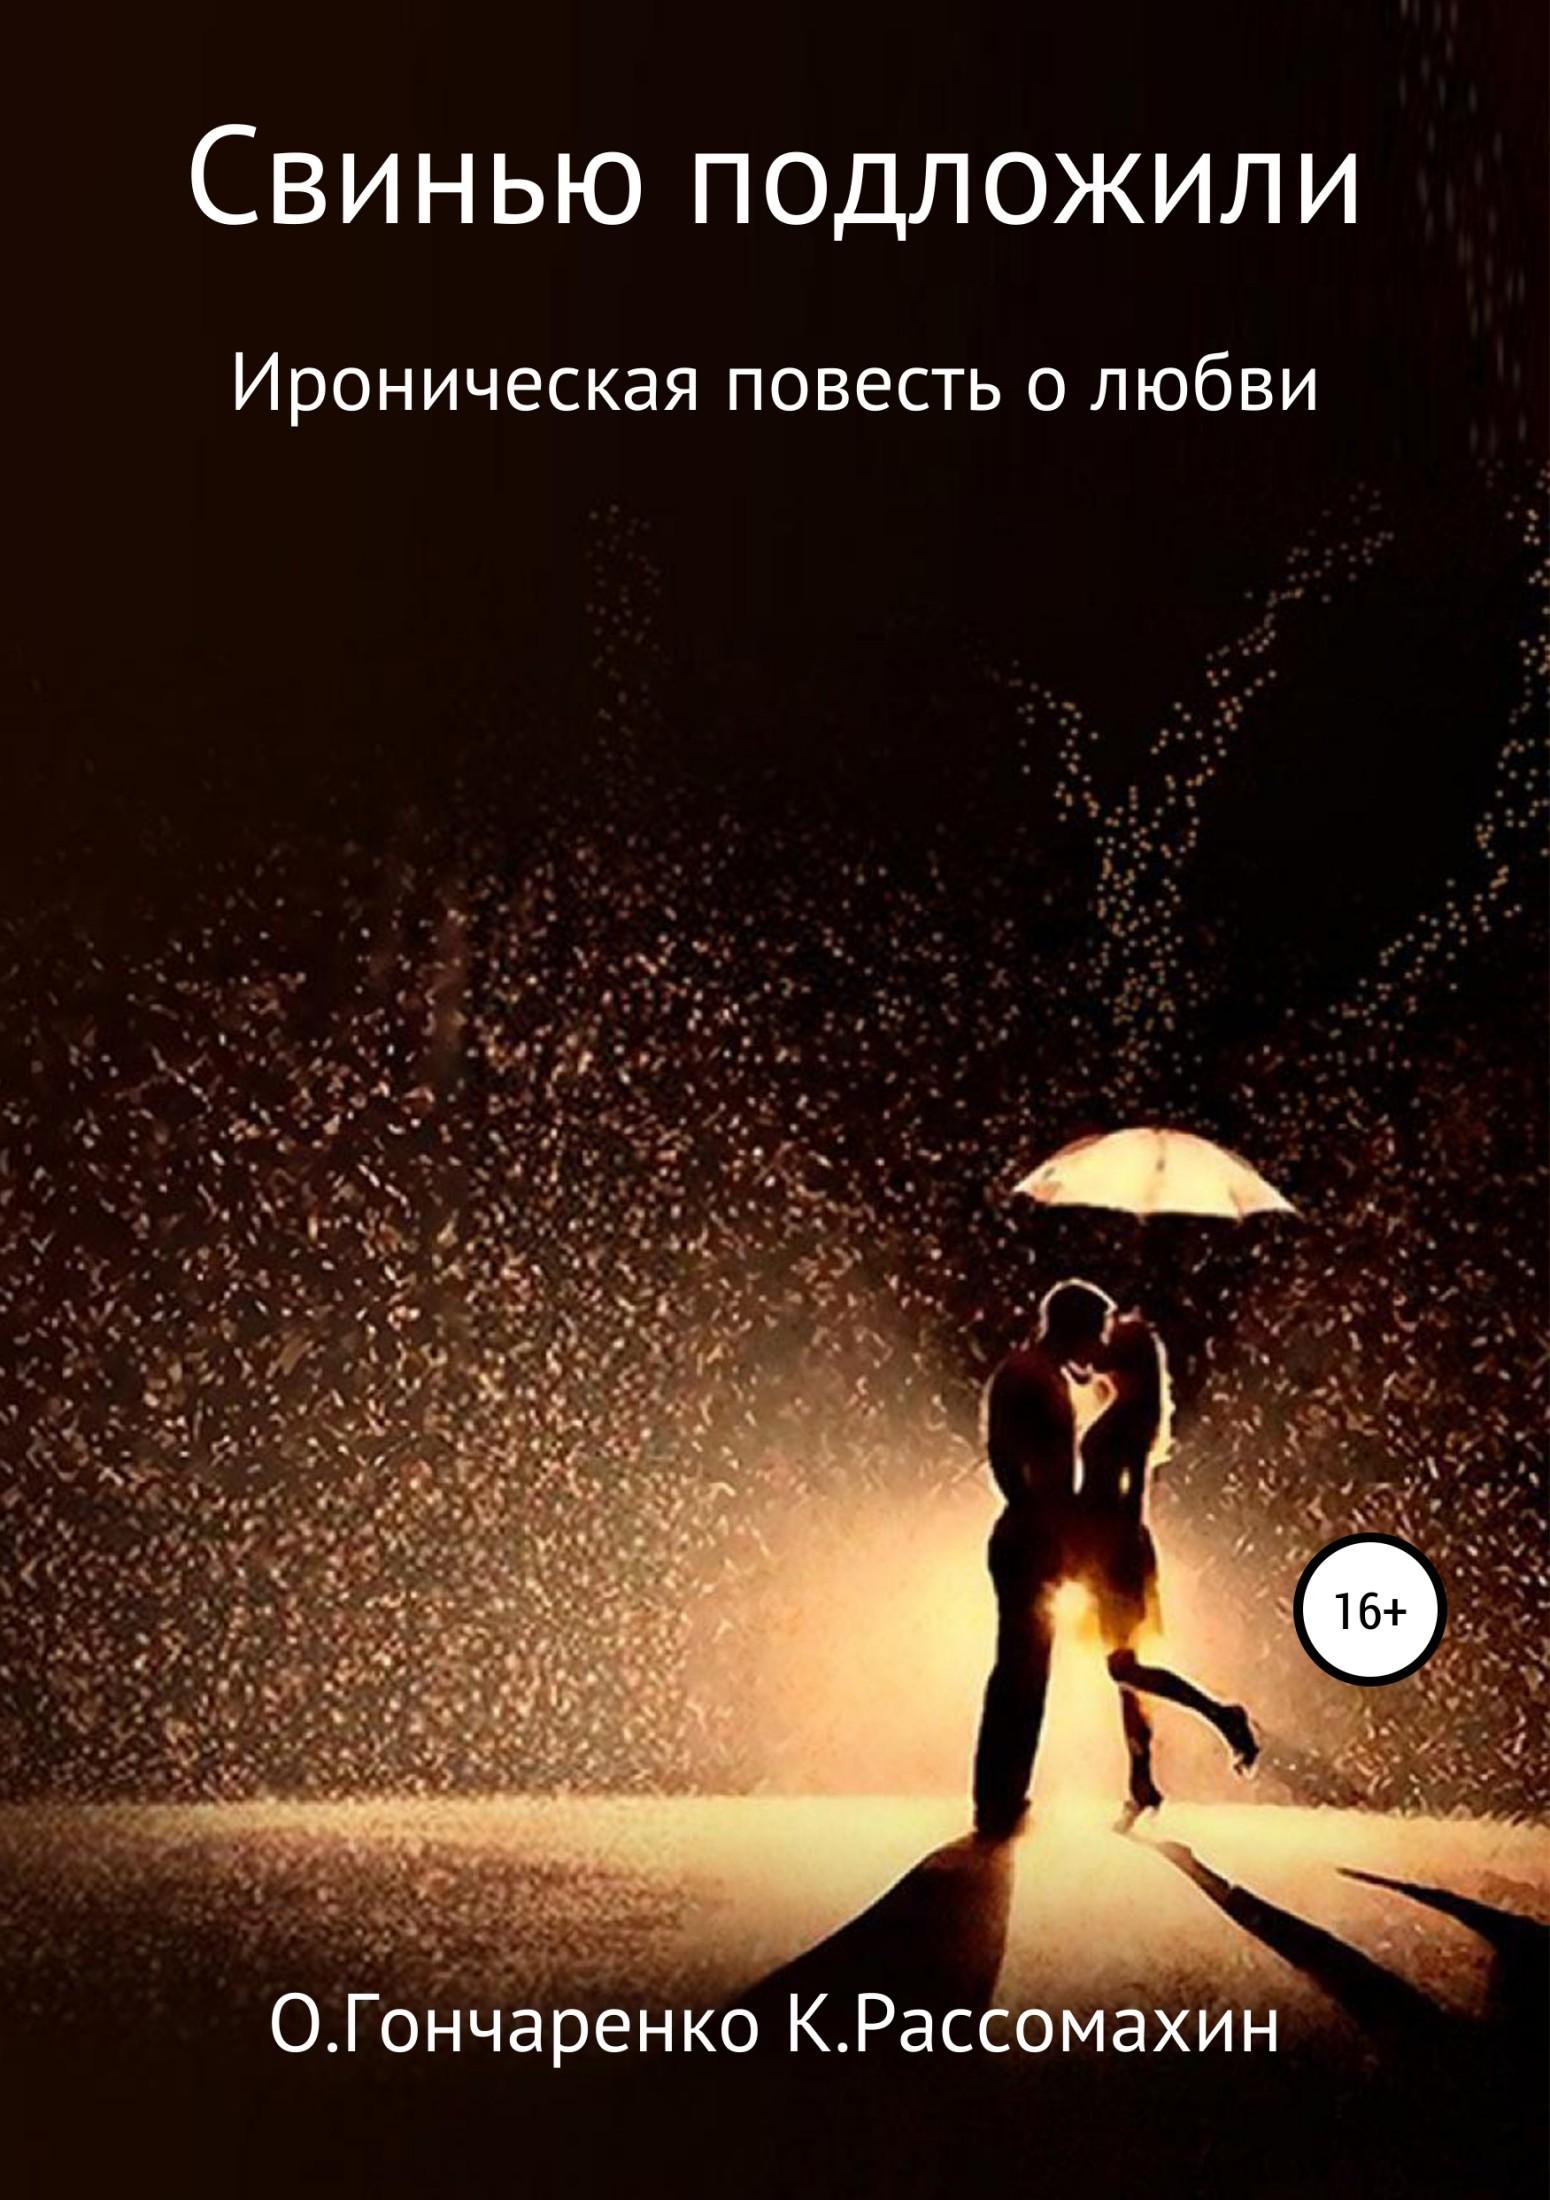 Константин Рассомахин, Ольга Гончаренко - Свинью подложили